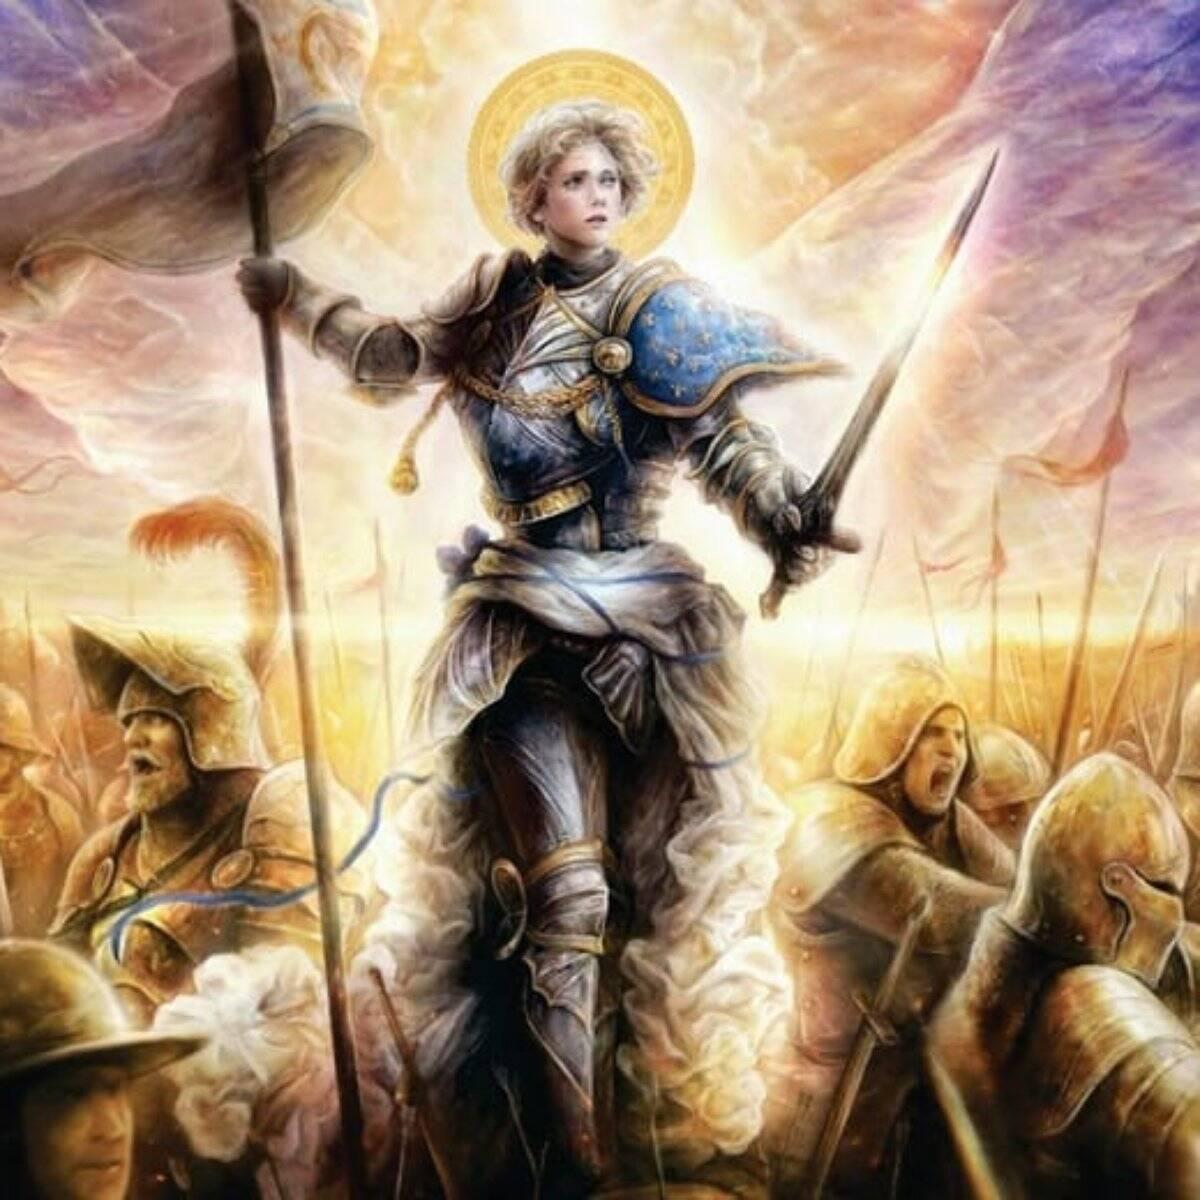 Santa Joana diz respeito à figura de Joana D'Arc. Foto: Reprodução/Alto Astral